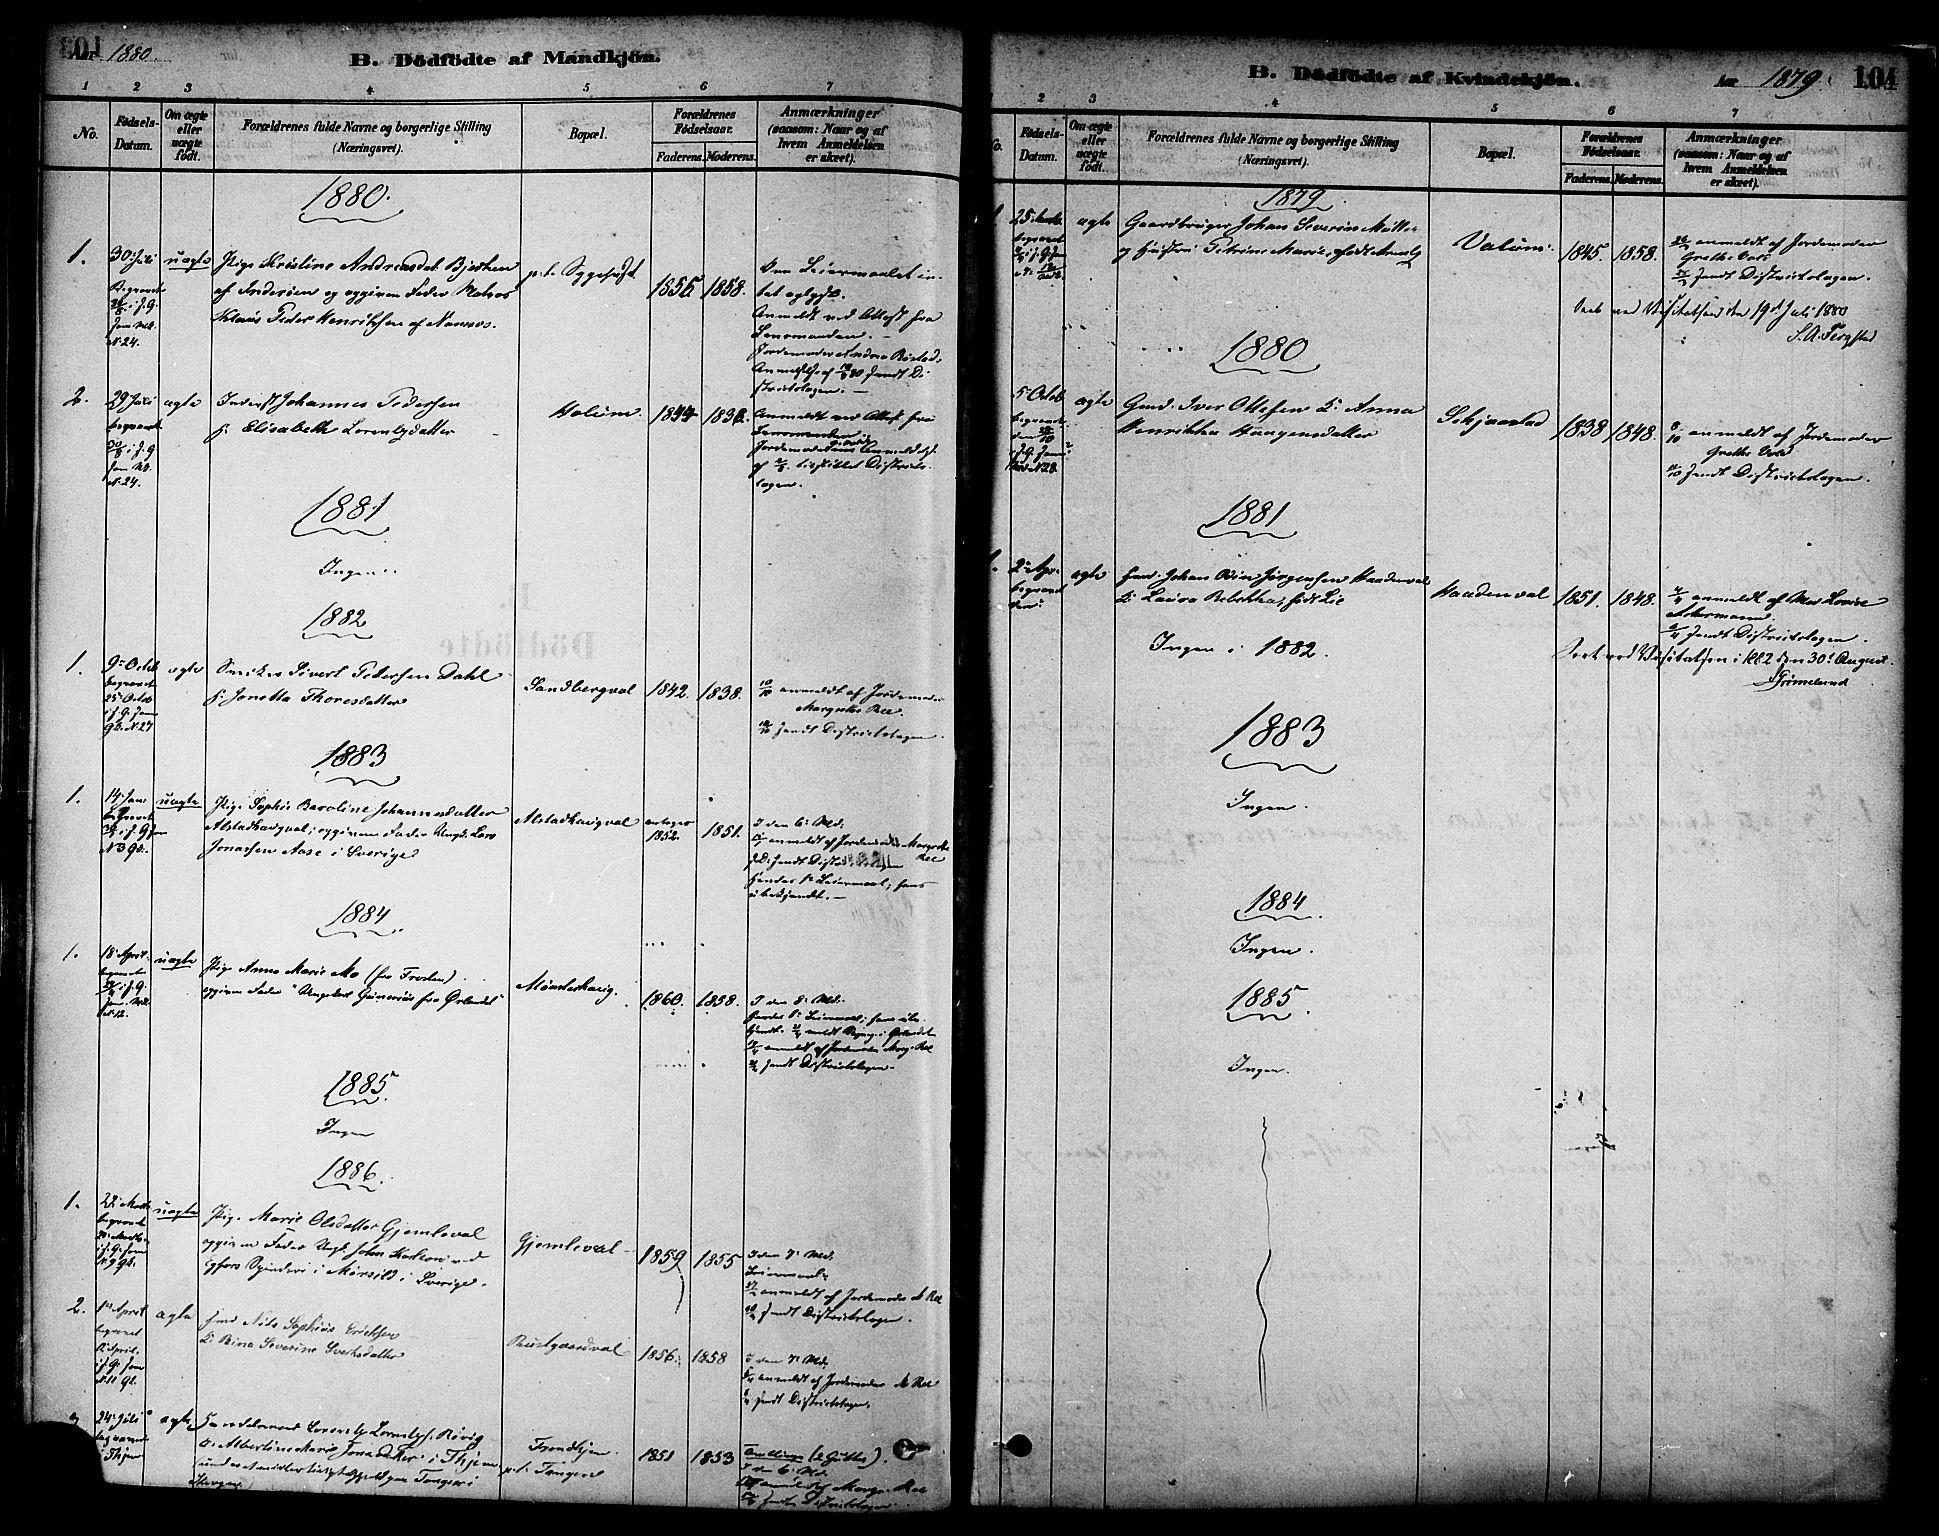 SAT, Ministerialprotokoller, klokkerbøker og fødselsregistre - Nord-Trøndelag, 717/L0159: Ministerialbok nr. 717A09, 1878-1898, s. 104